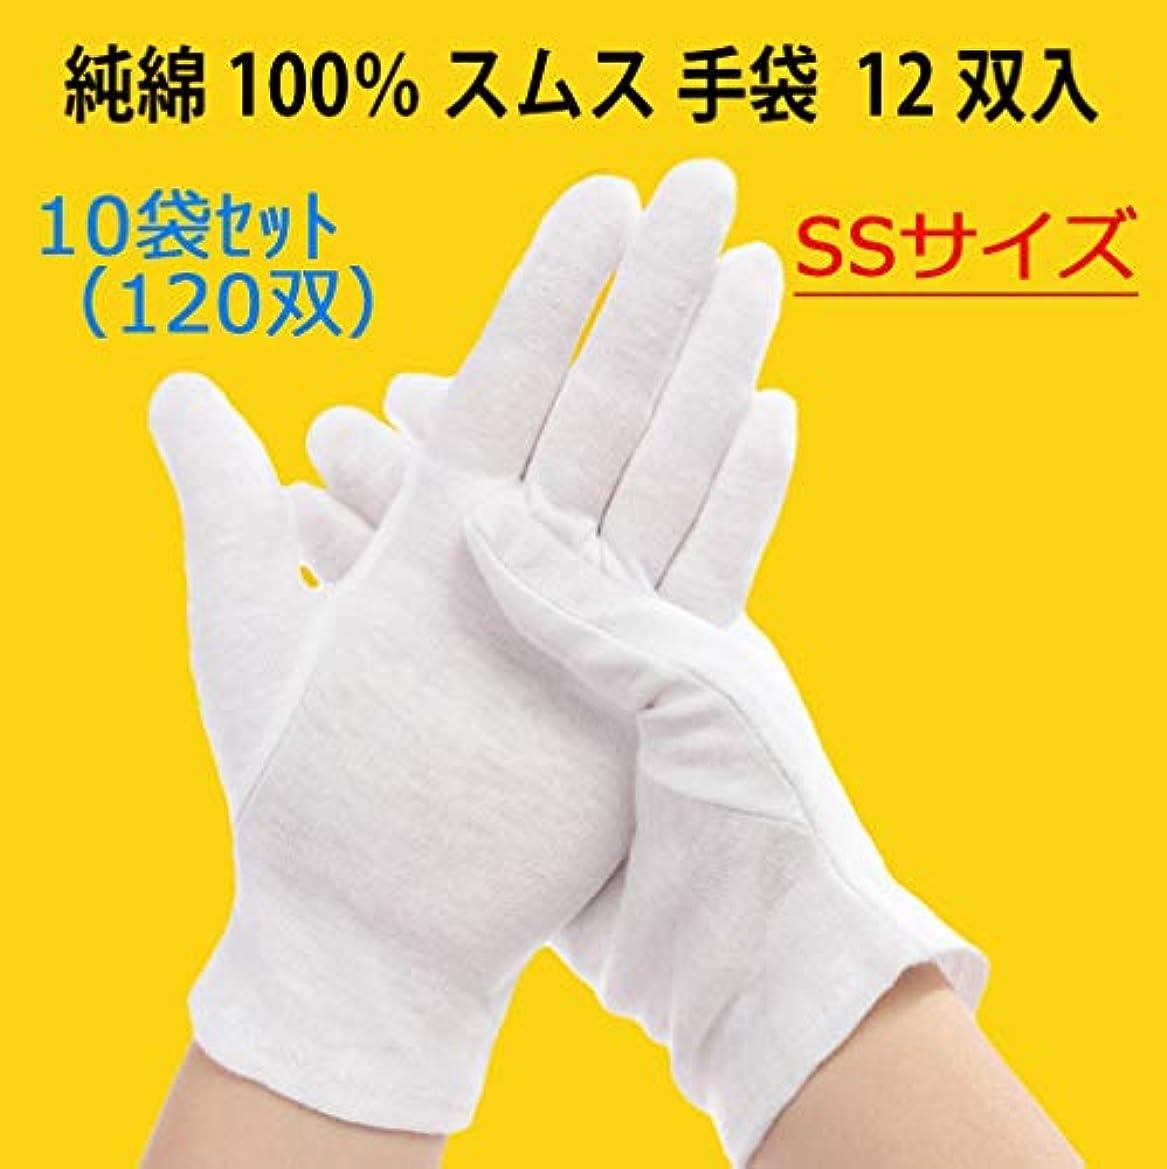 【お得なセット商品】(120双) 純綿100% スムス 手袋 SSサイズ 12双入 子供?女性に最適 多用途 (10袋)